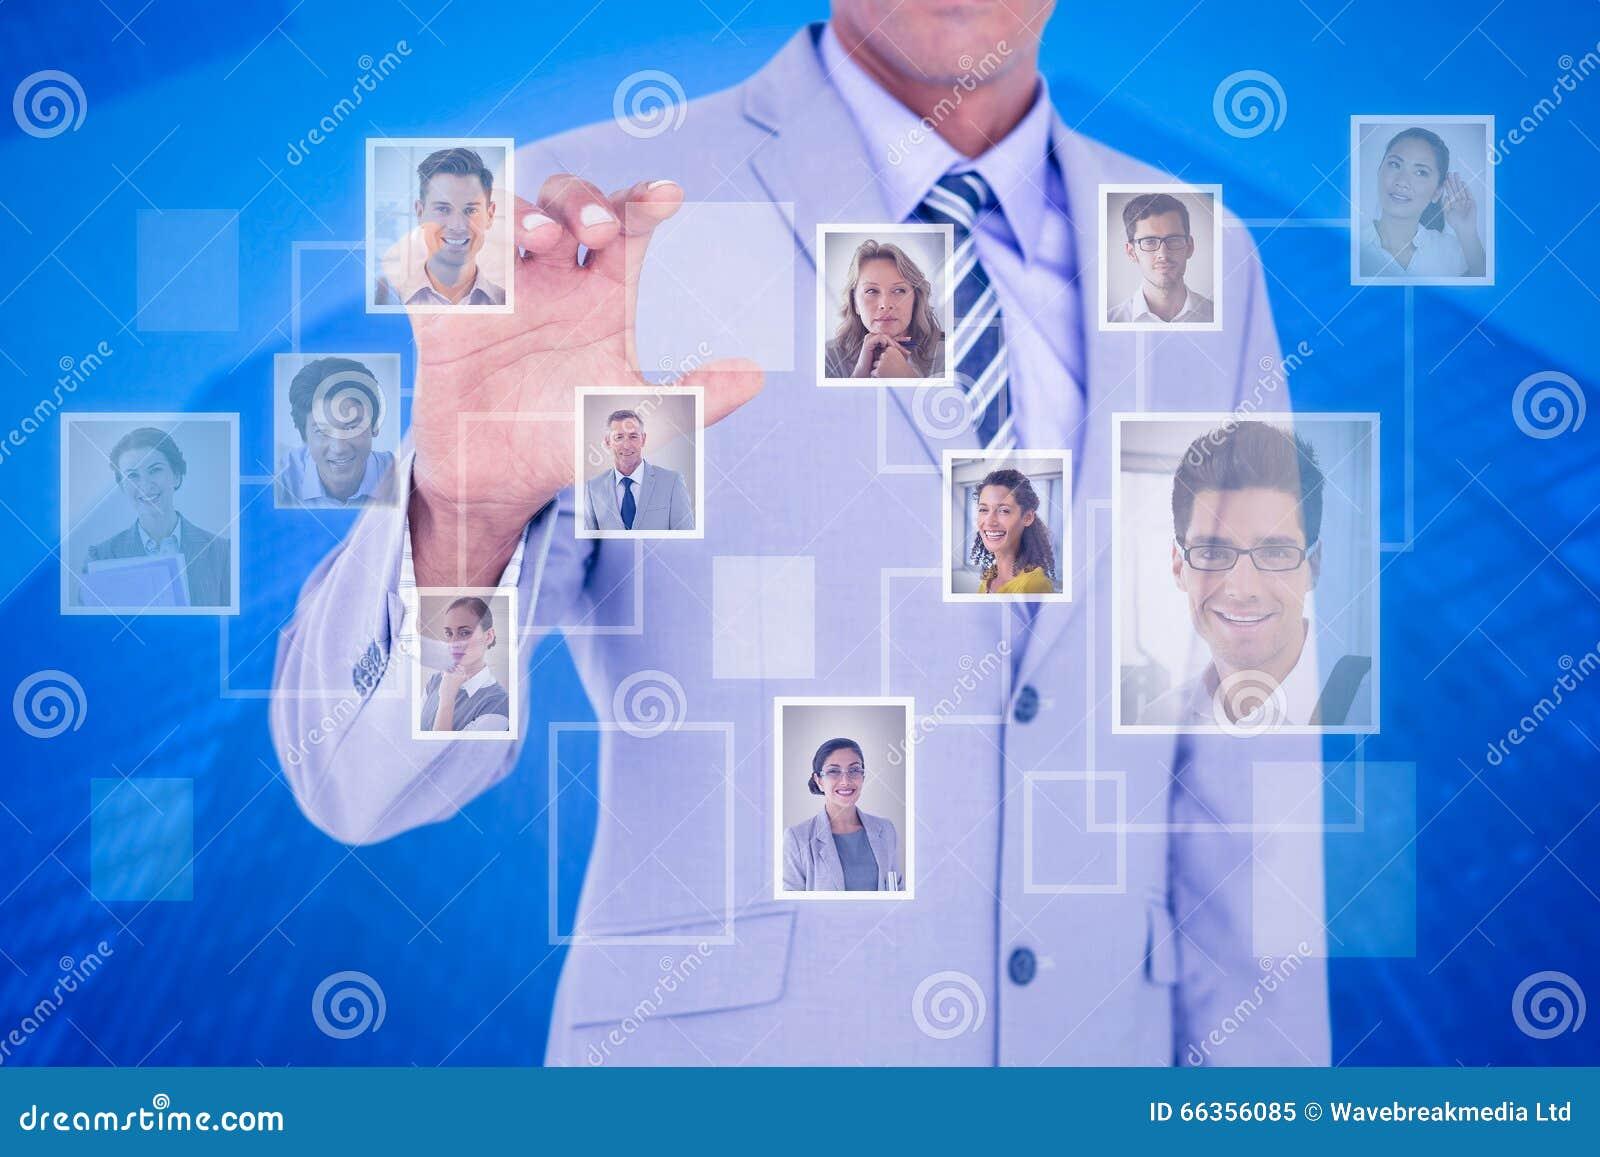 Samengesteld beeld van zakenman wat betreft het onzichtbare scherm